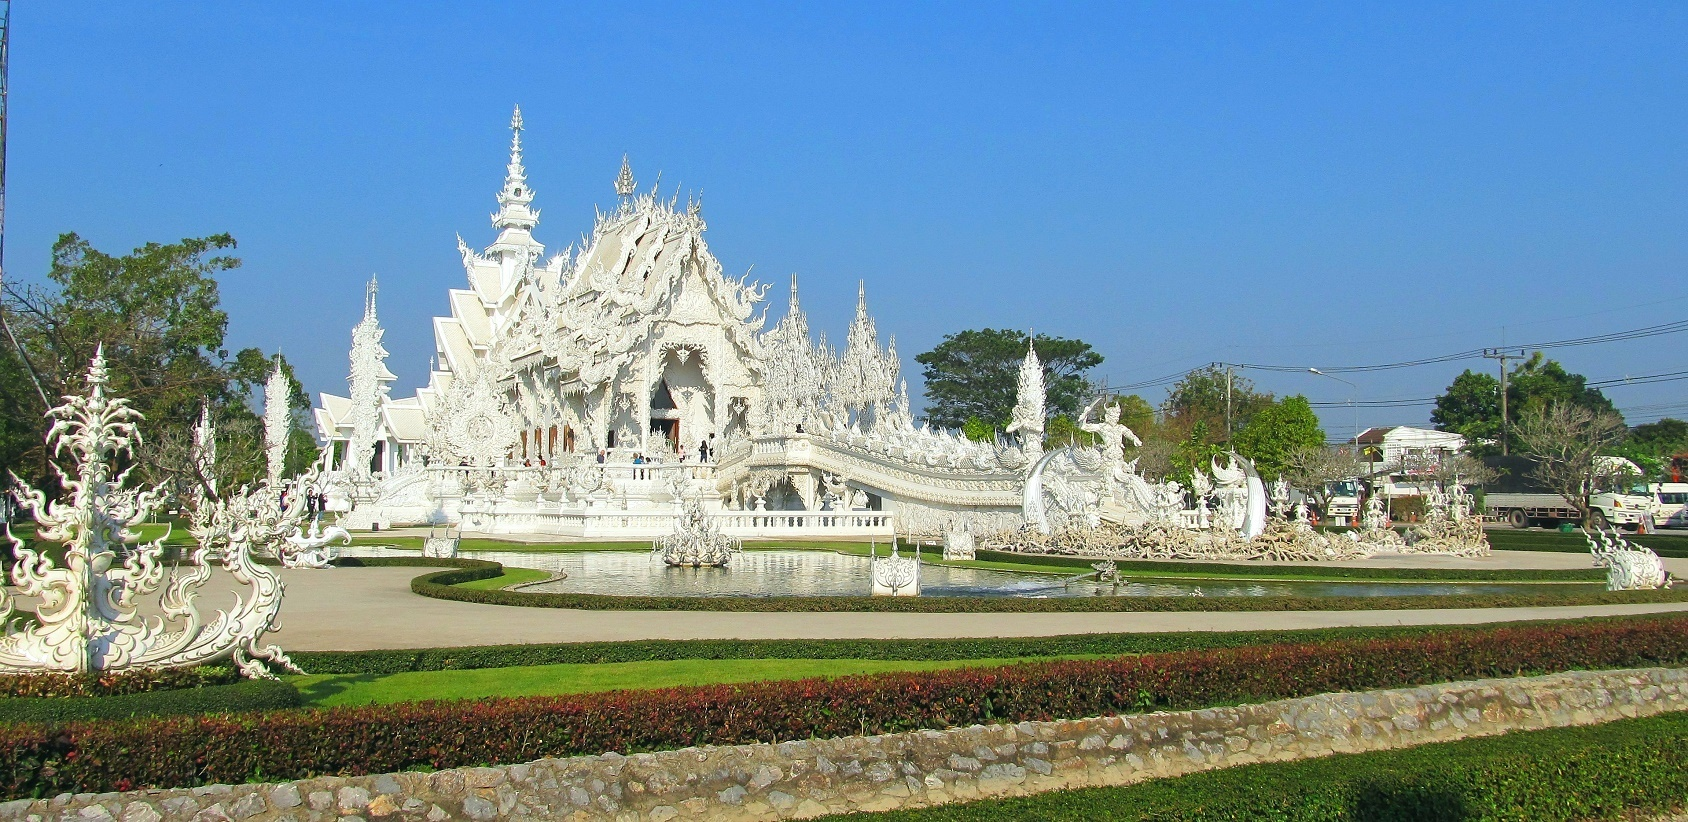 Bílý klášter - Wat Rong Khun - Thajsko